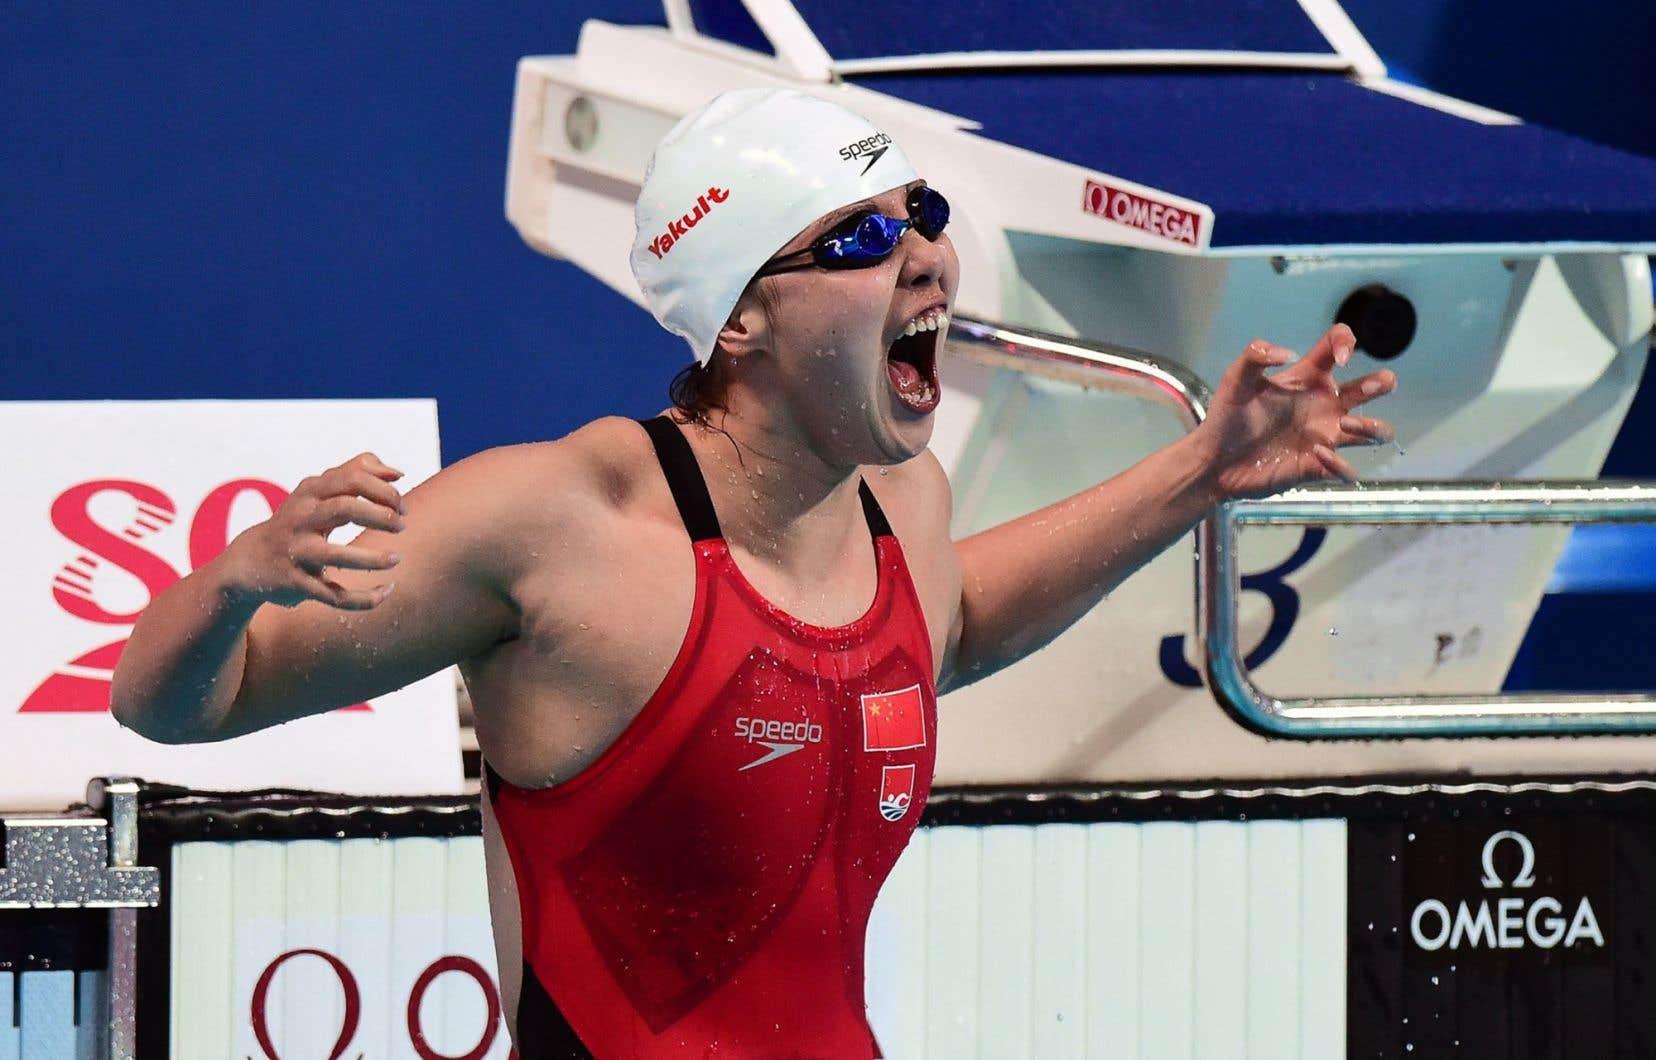 La nageuse chinoise Fu Yuanhui